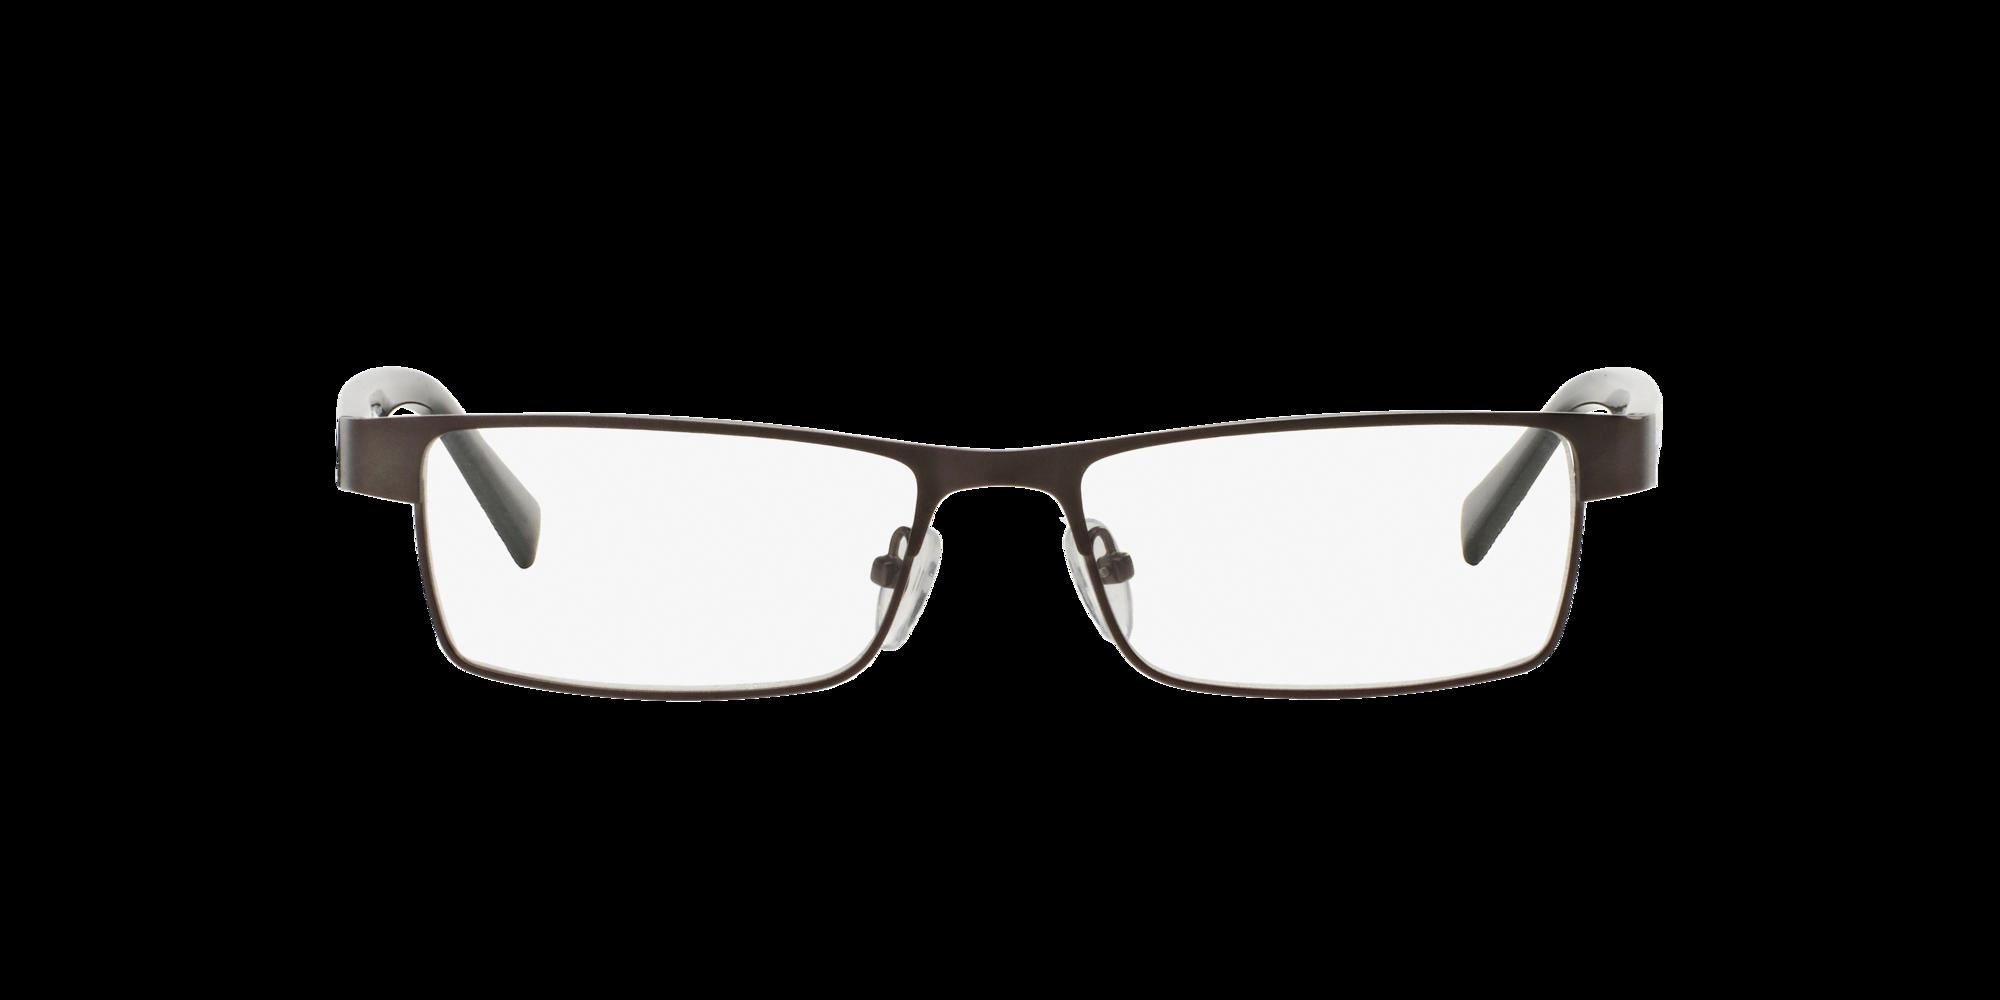 Imagen para 0AX1009 de LensCrafters |  Espejuelos, espejuelos graduados en línea, gafas